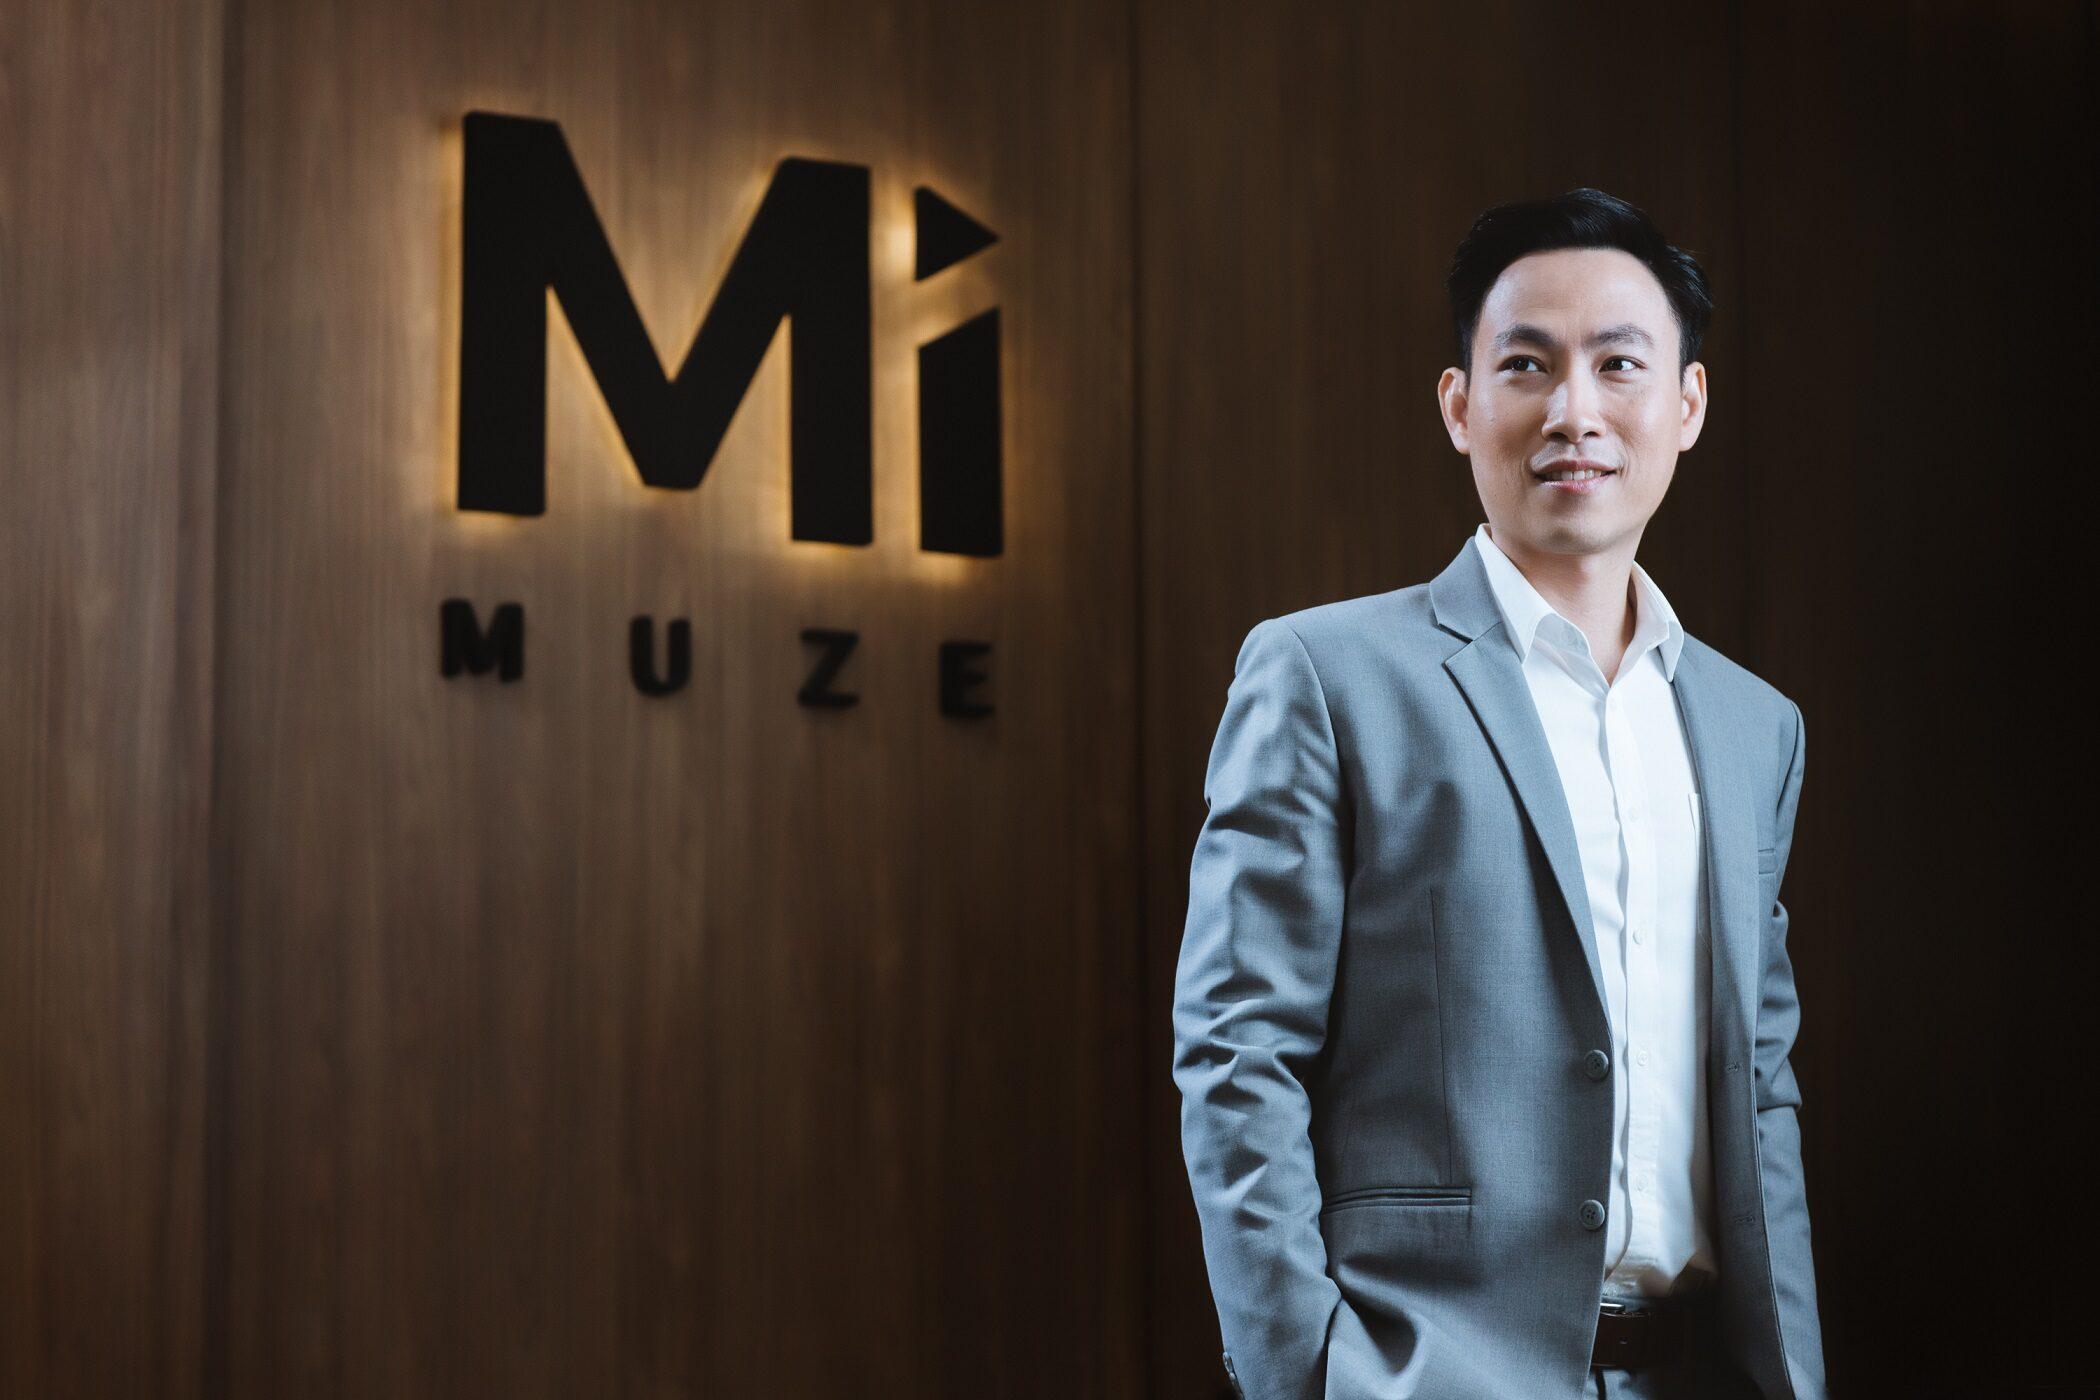 Muze ผลักดันธุรกิจค้าปลีกสู่ความสำเร็จในยุคดิจิทัล